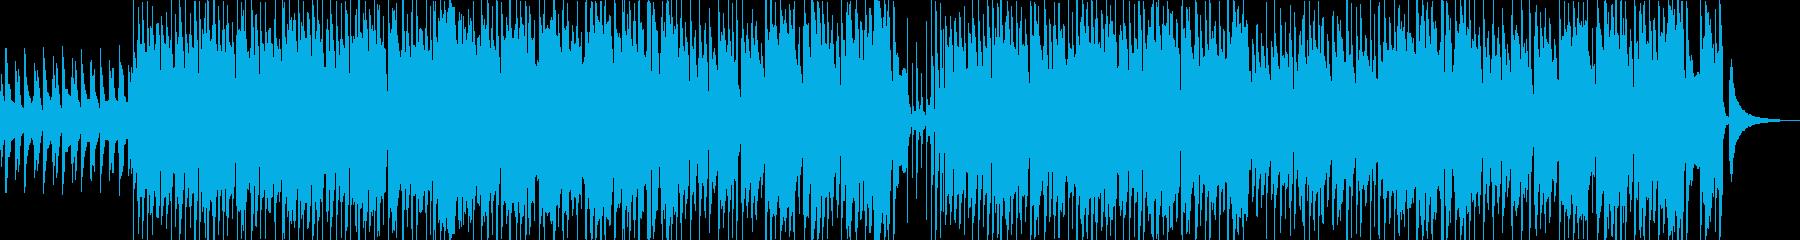 ウクレレと口笛のハッピーなインストの再生済みの波形